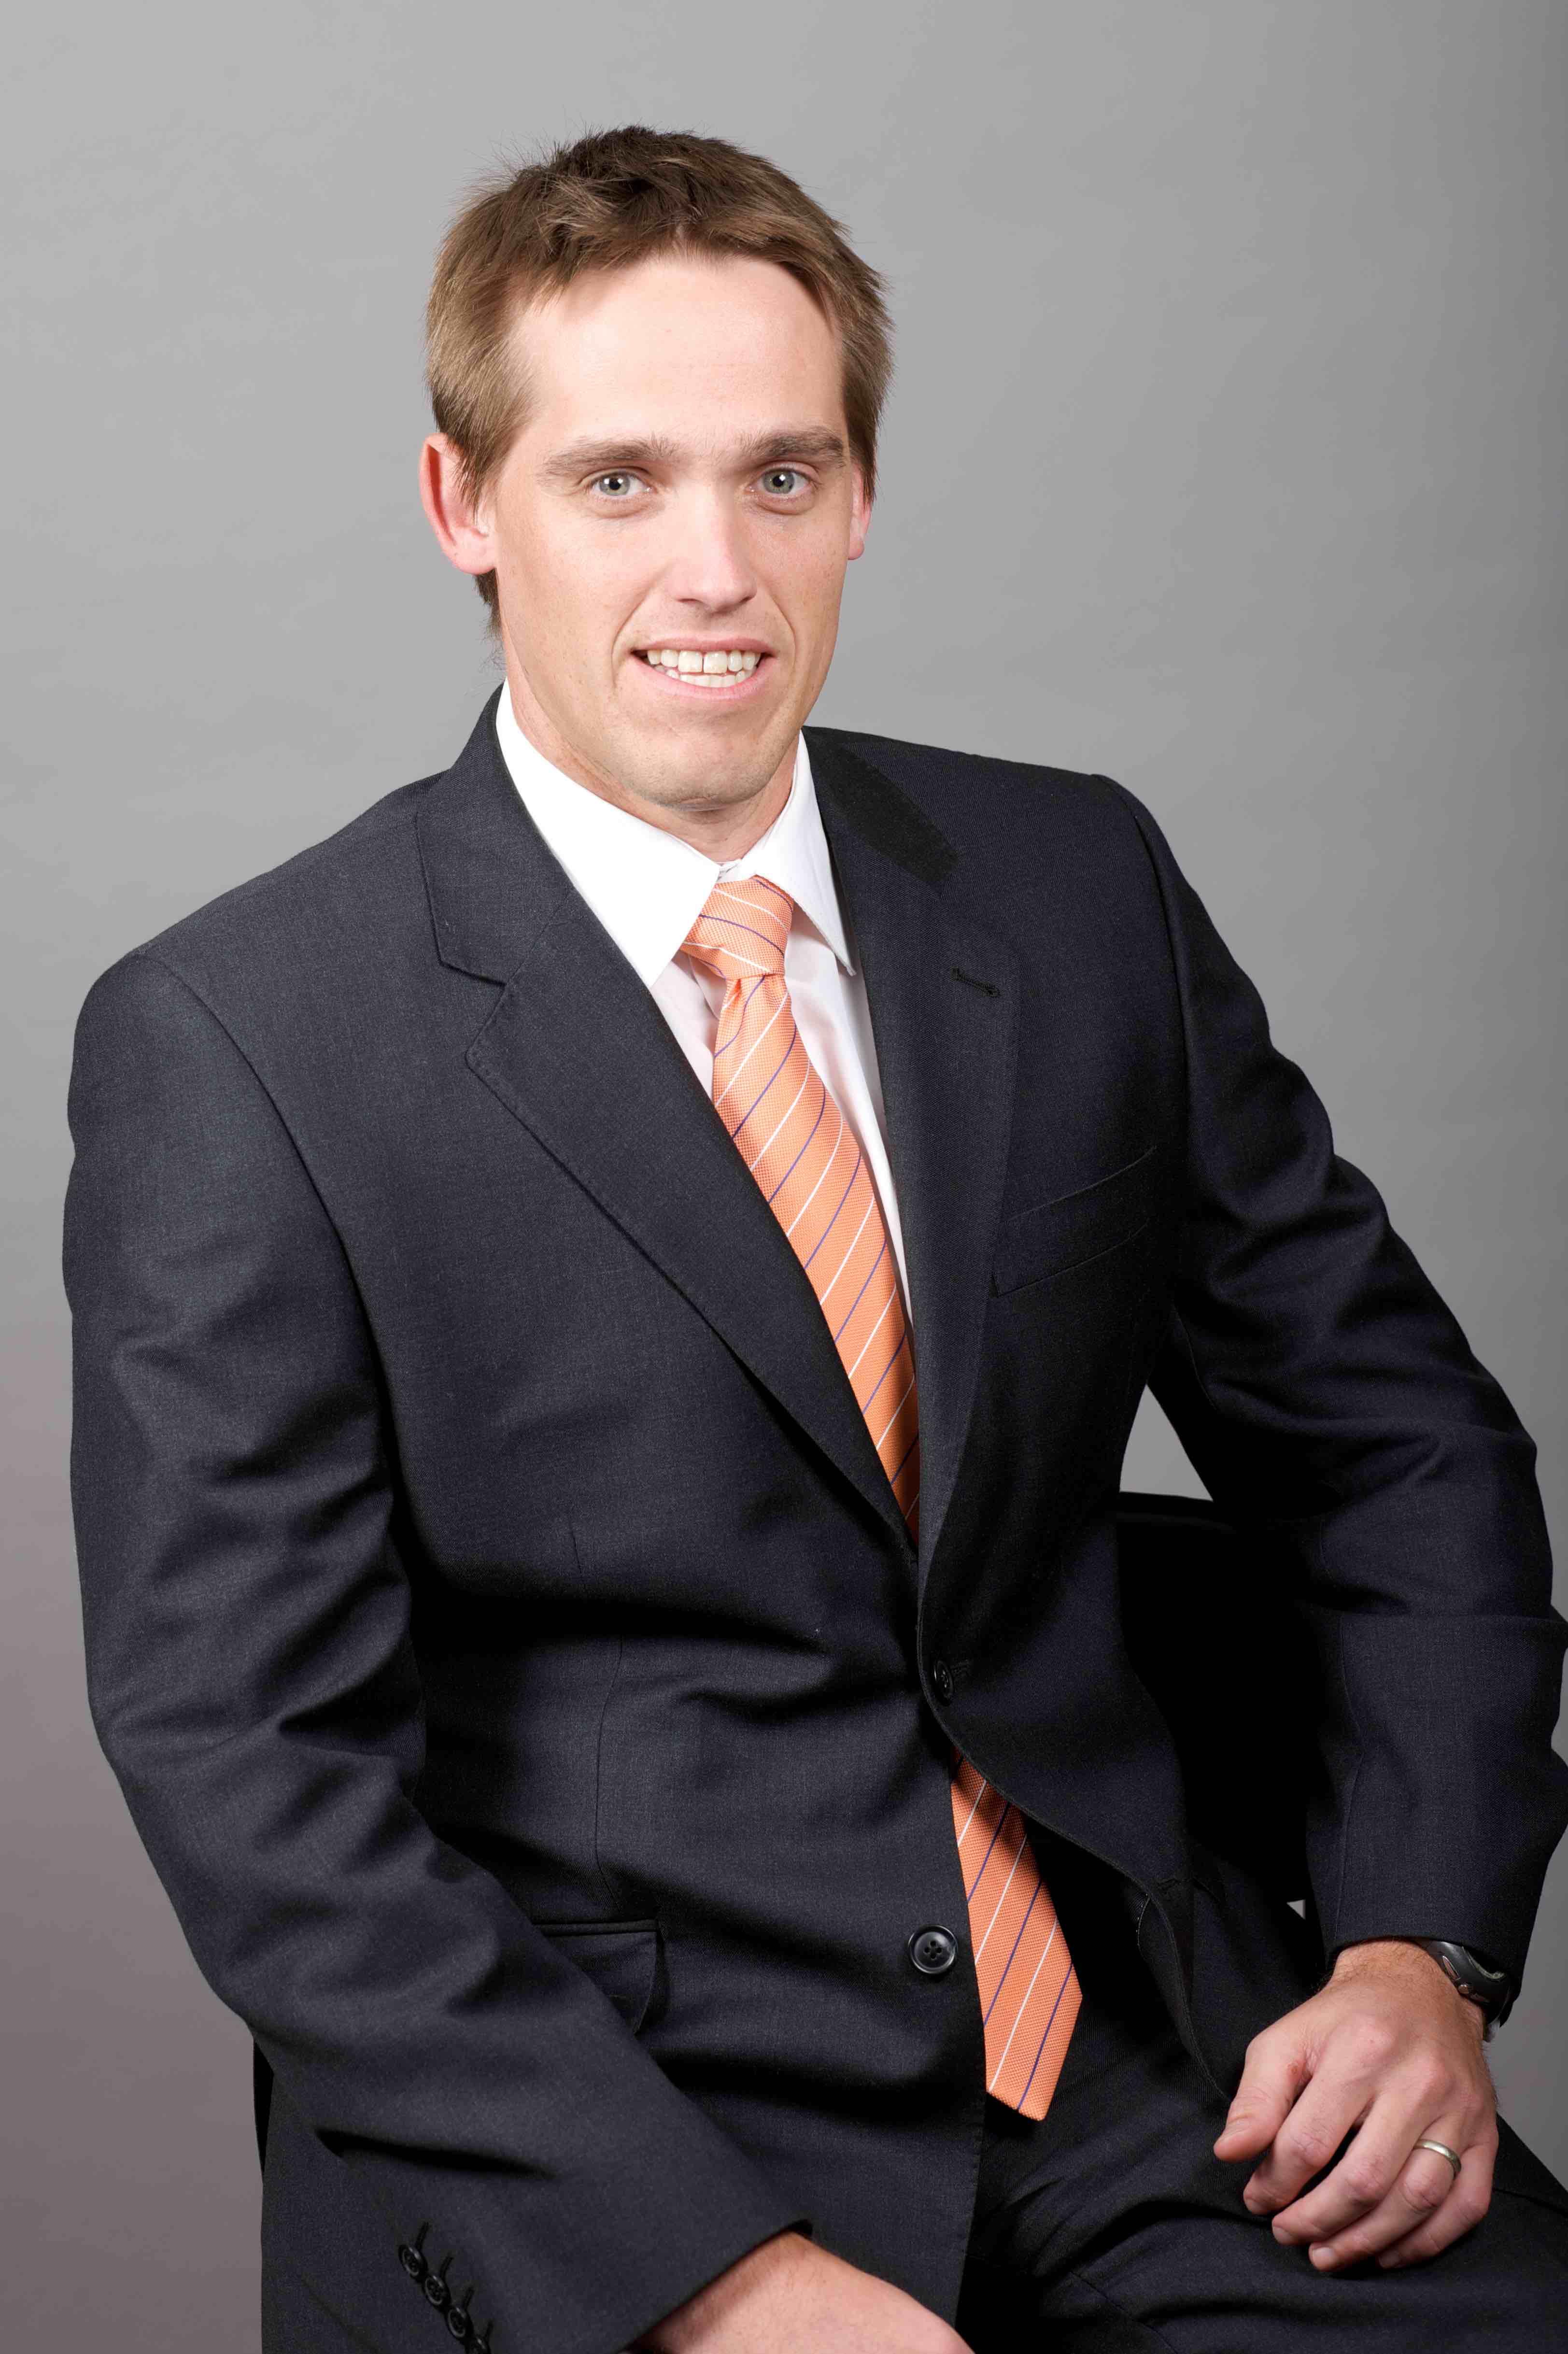 Shaun Frankish - Non Executive Director